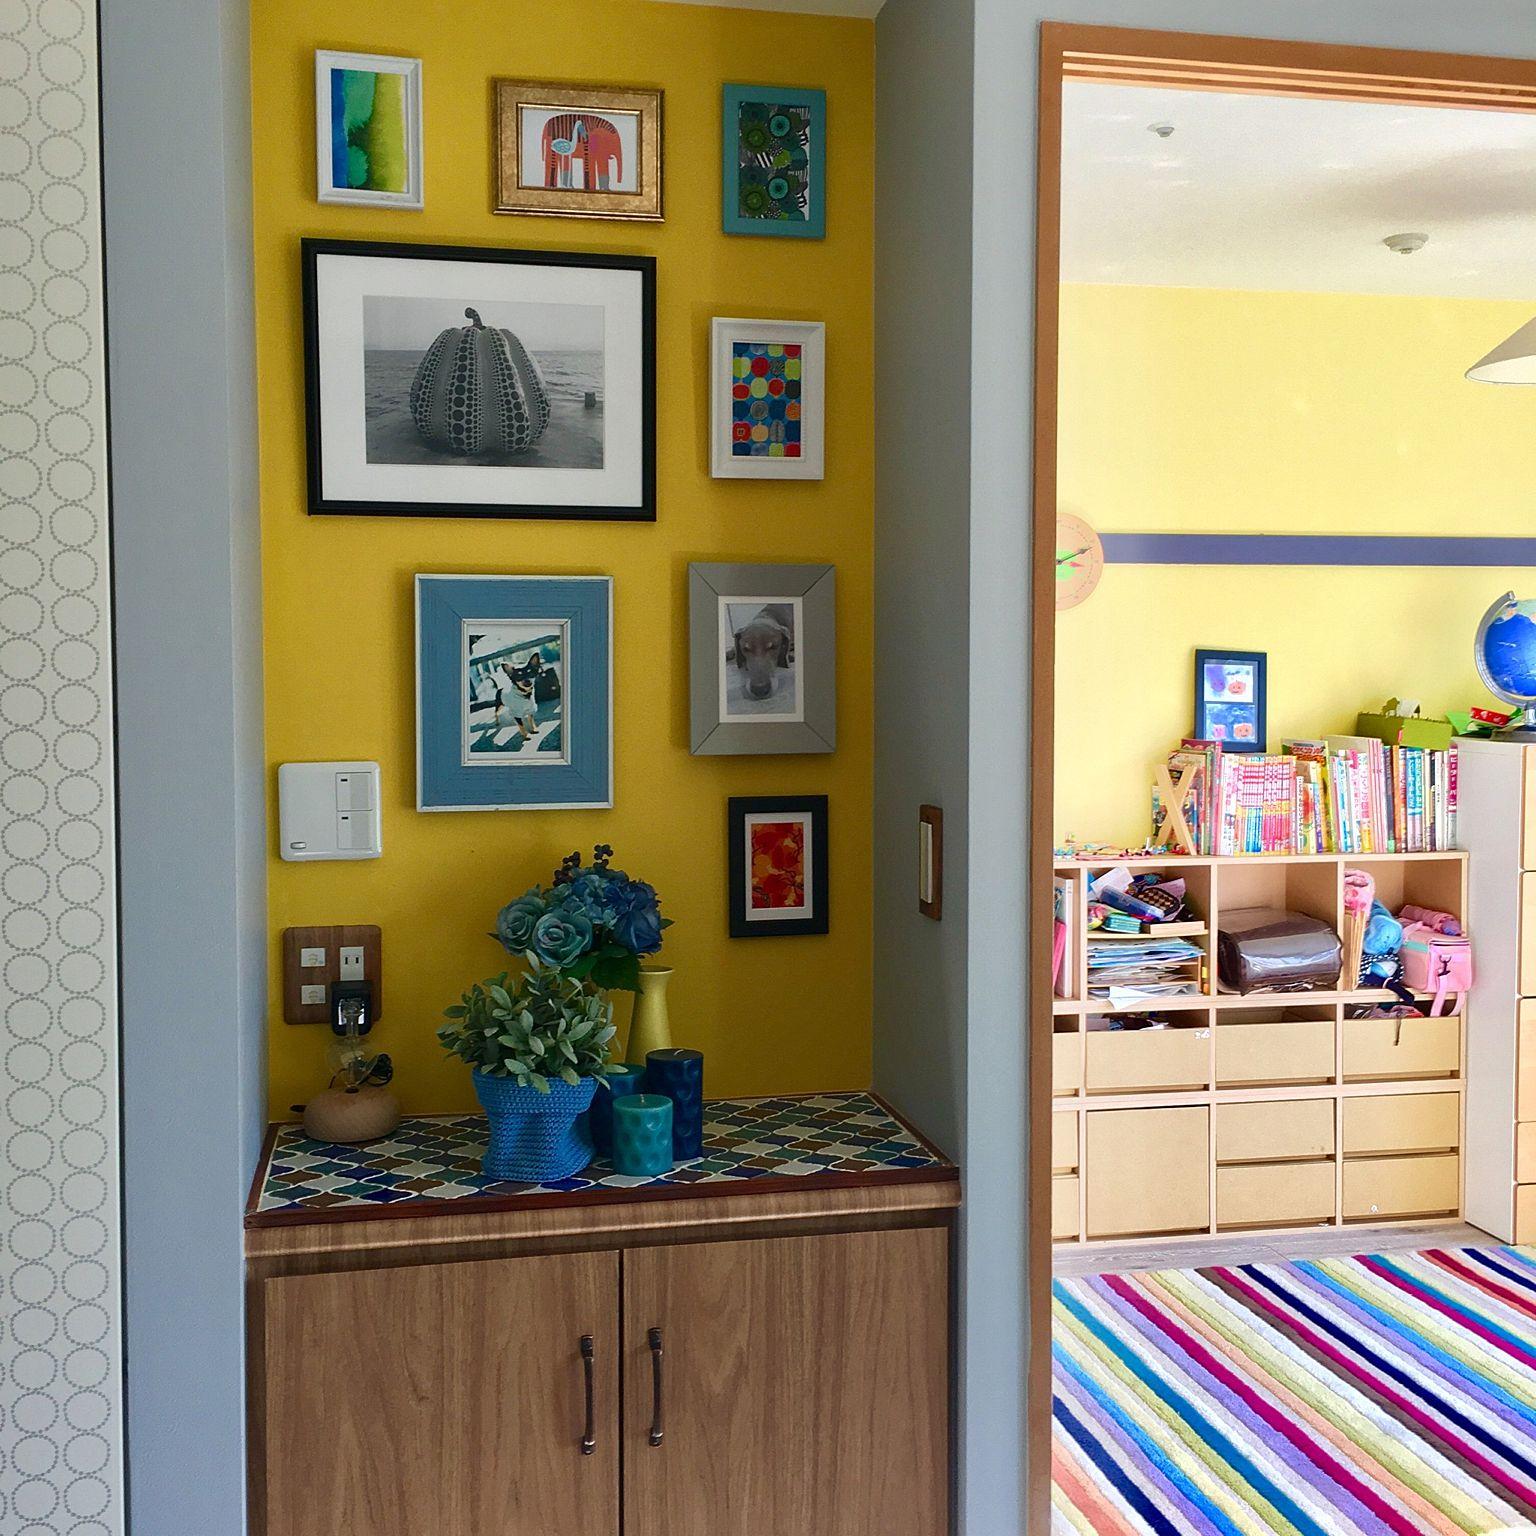 タイルシールとIKEAのアイテムで飾るお気に入りスペース